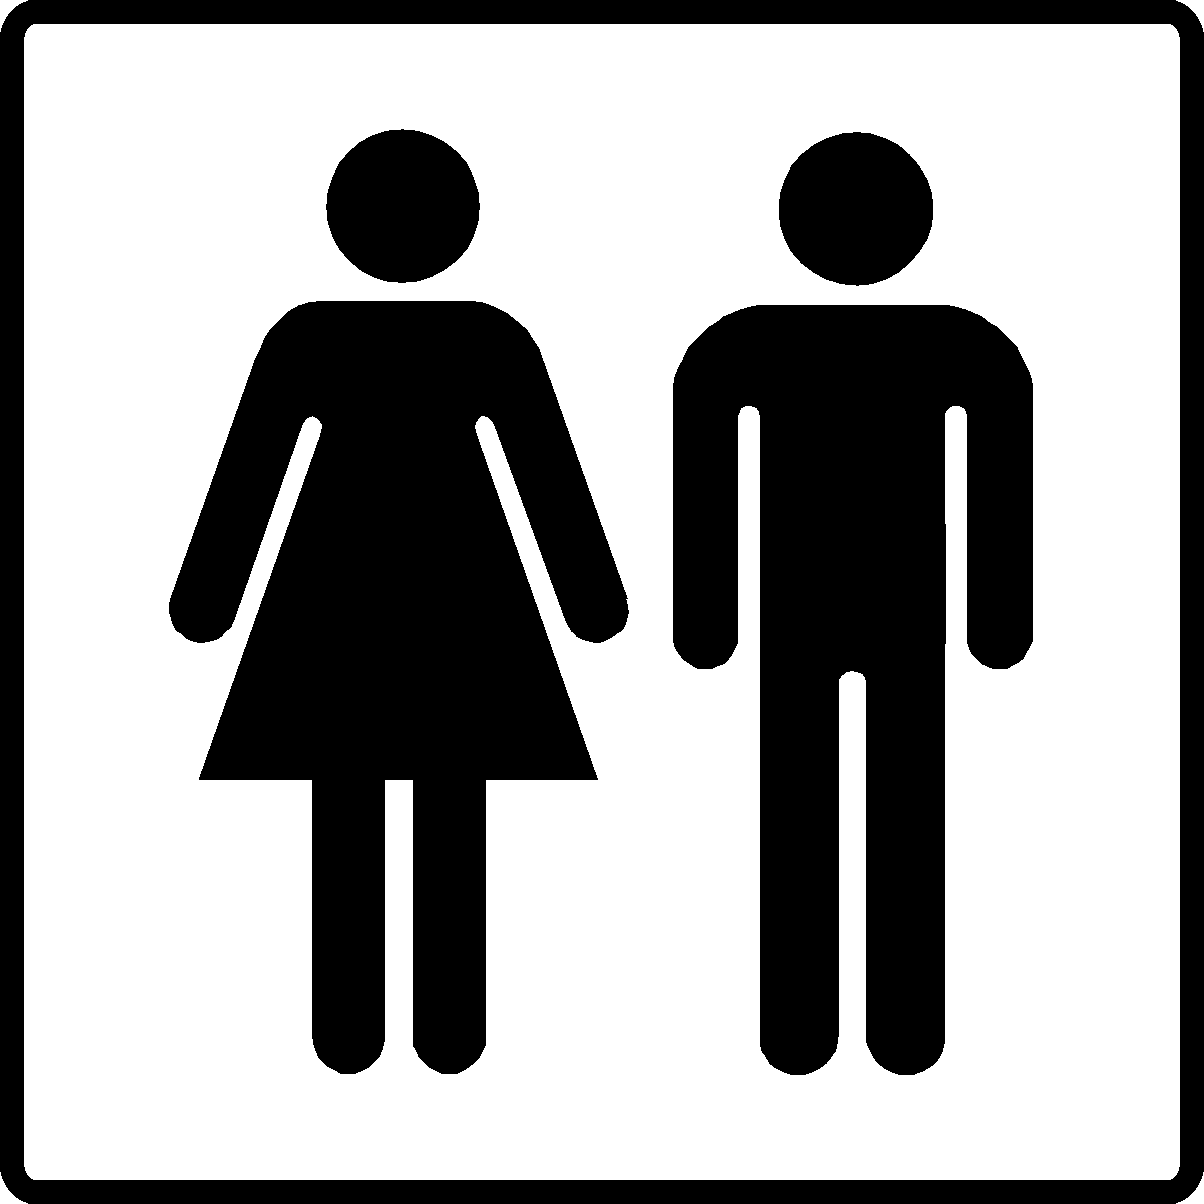 clipart wc uomini - photo #5